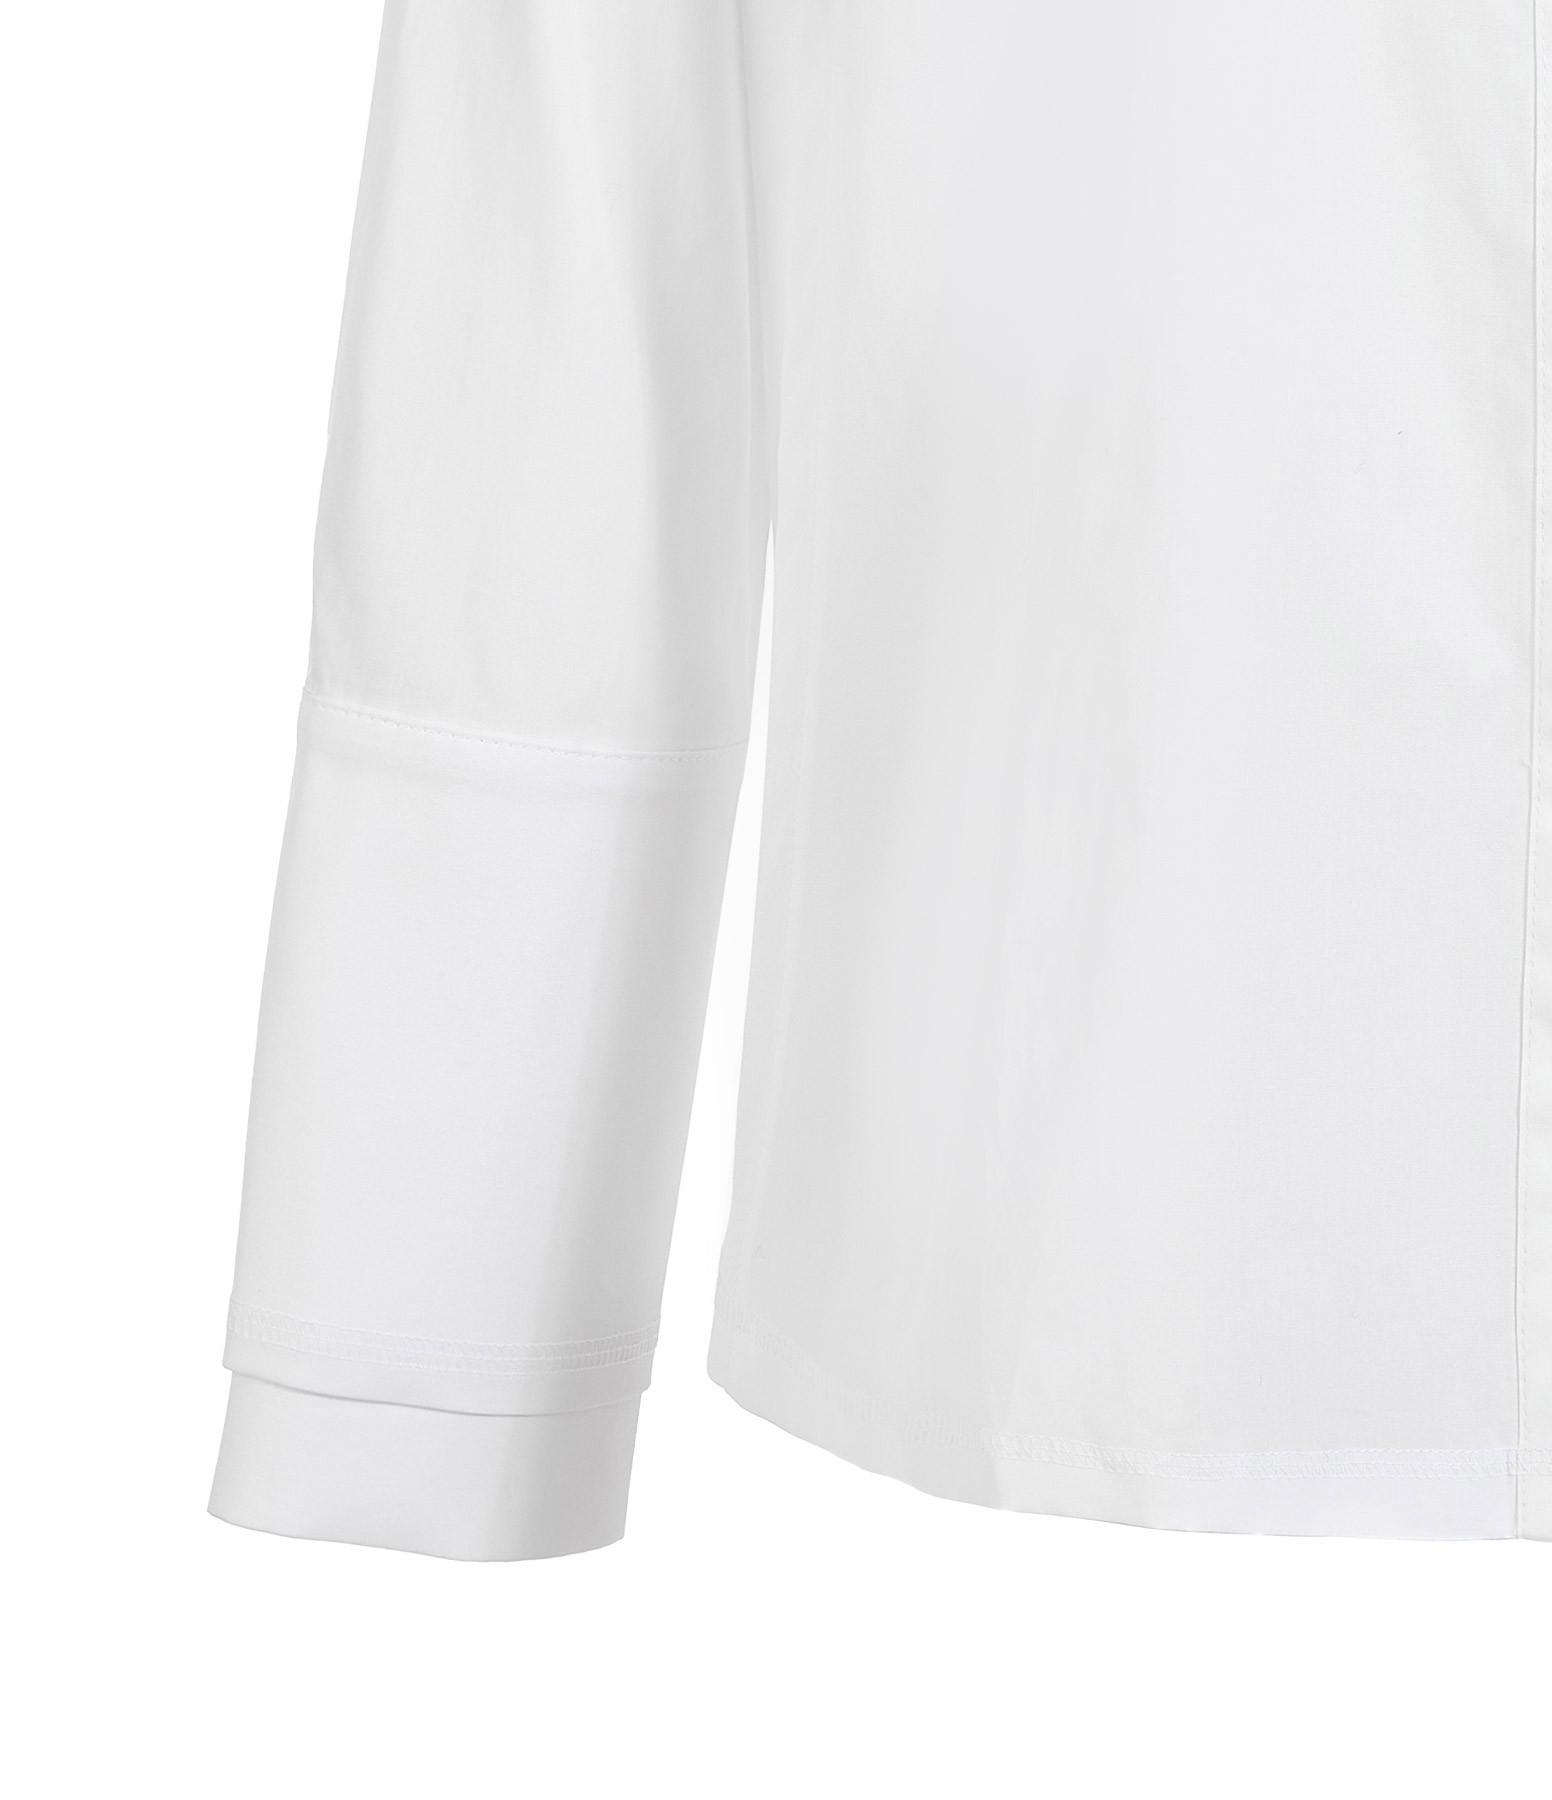 HANA SAN - Chemise Noyan Blanc Optique